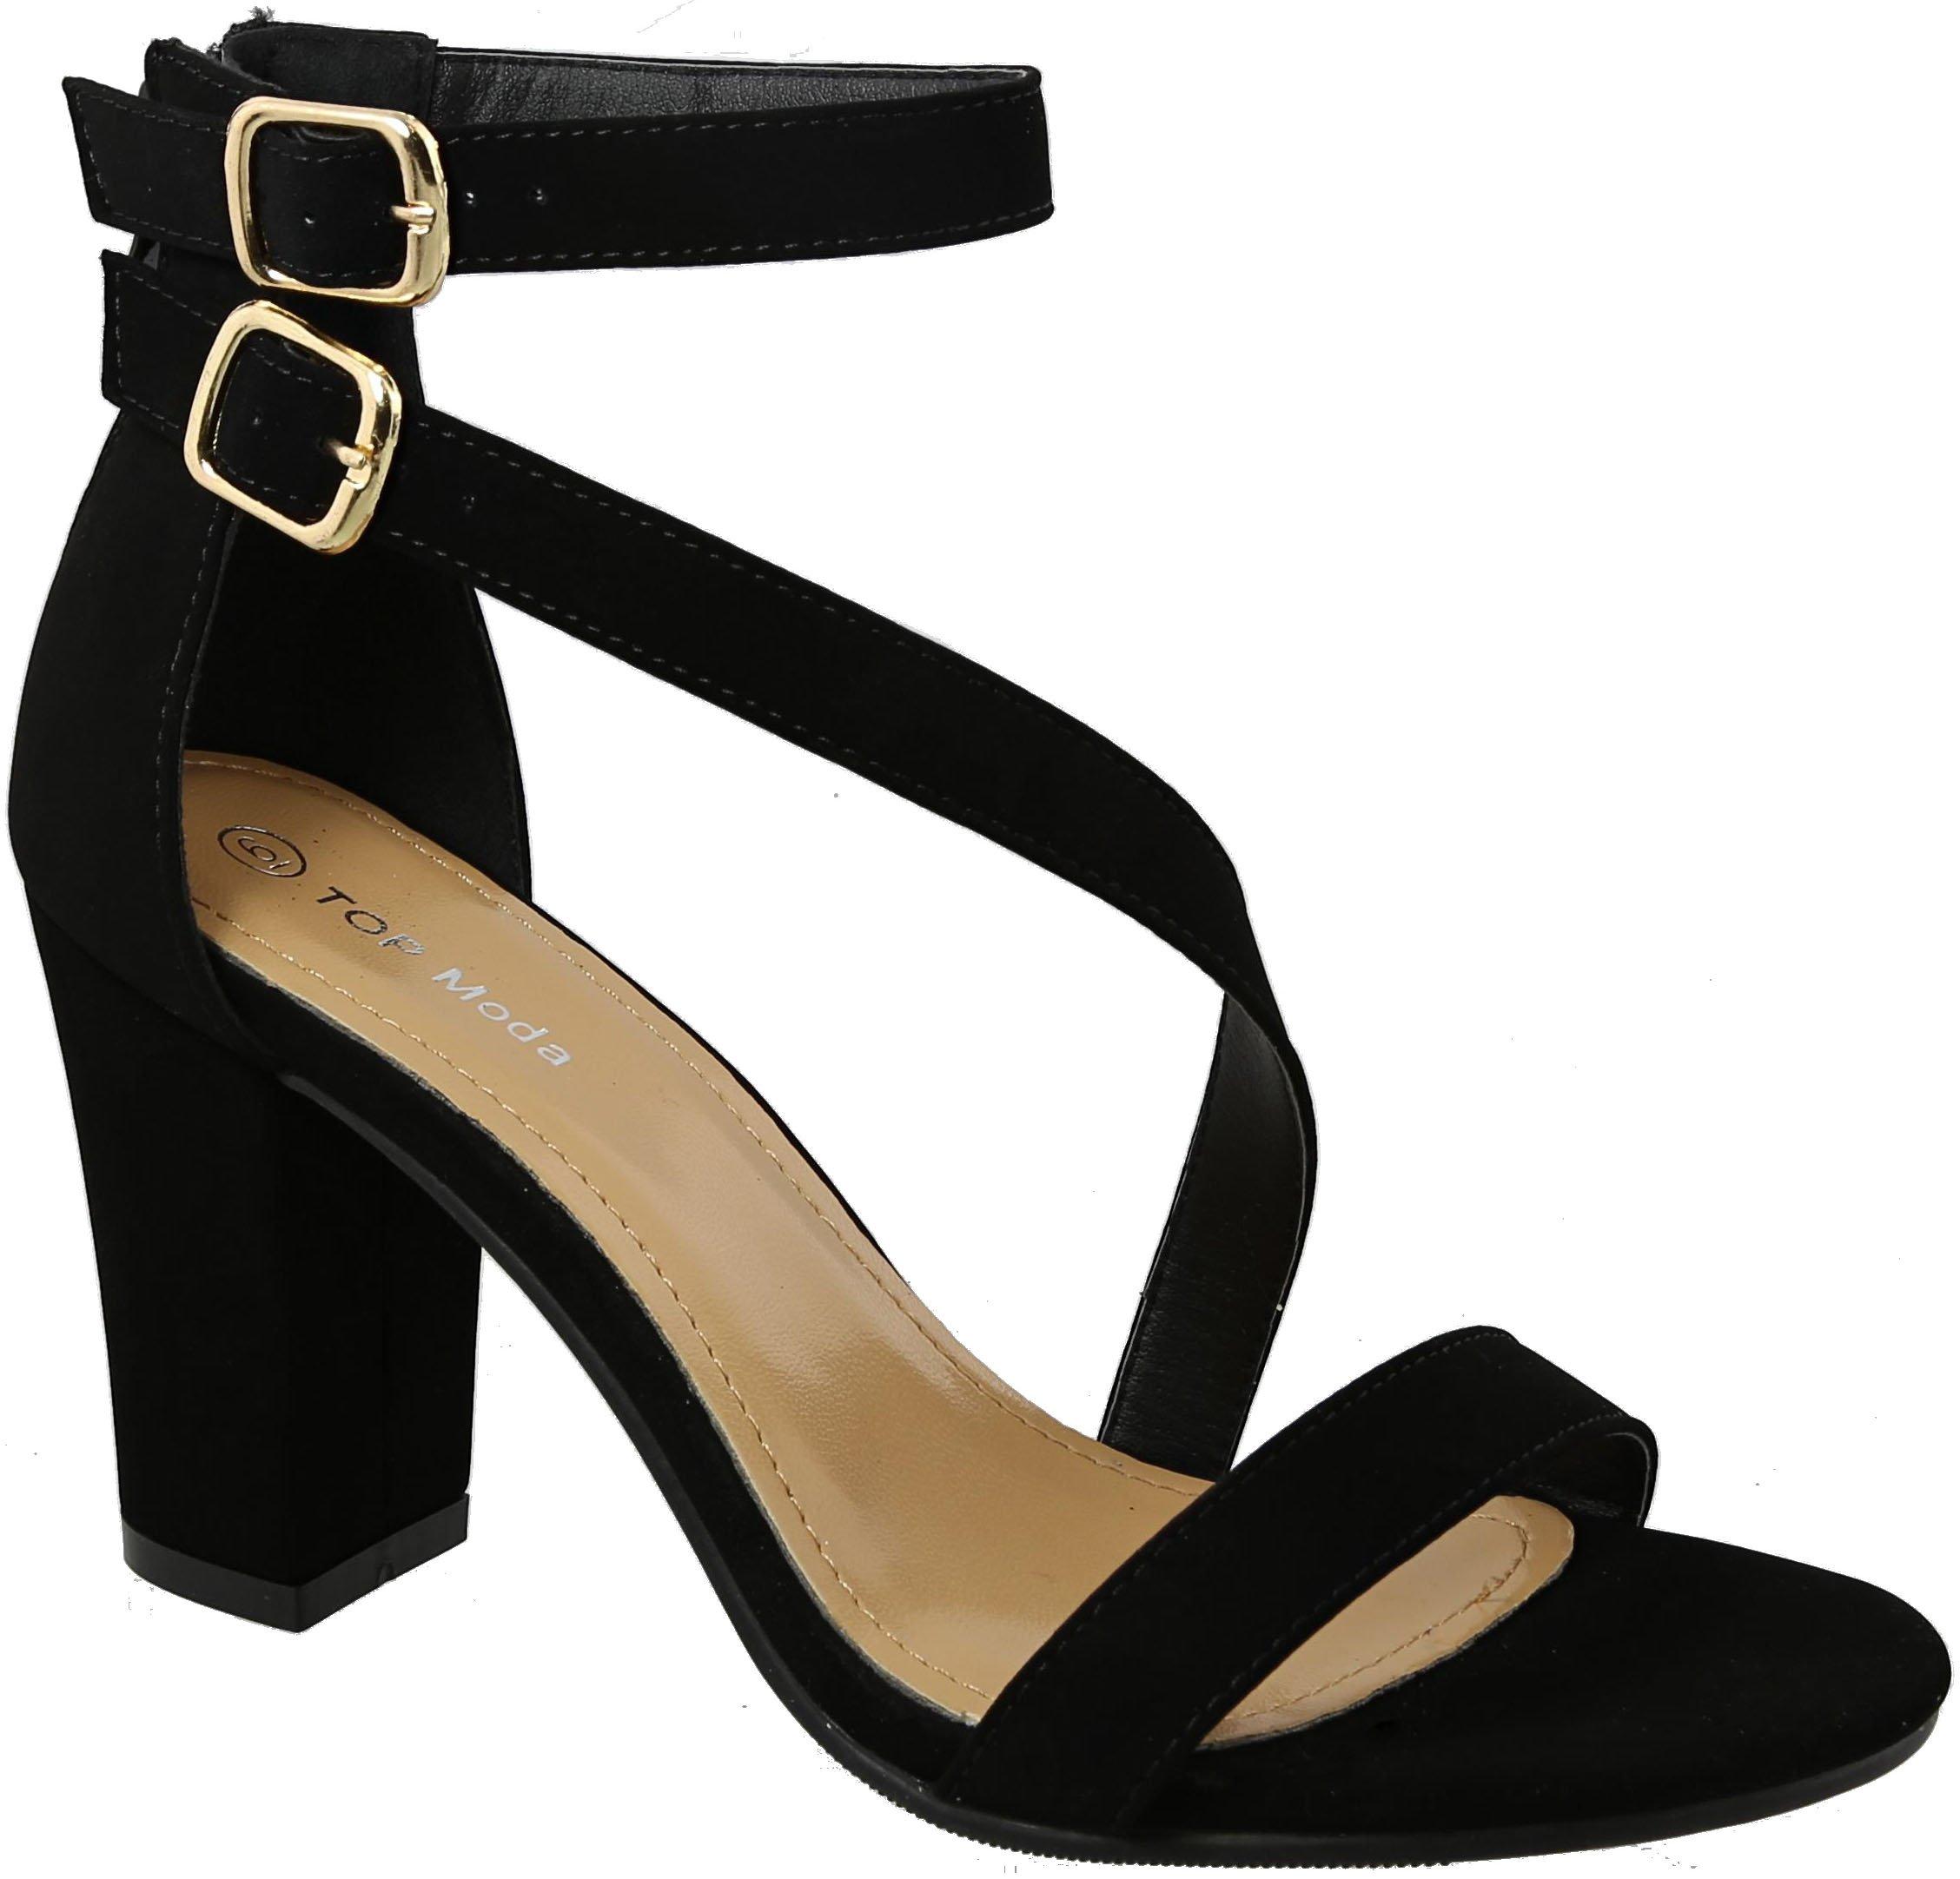 Top Moda Helen-7 Open Toe Strap Heel Sandals (5, Black)